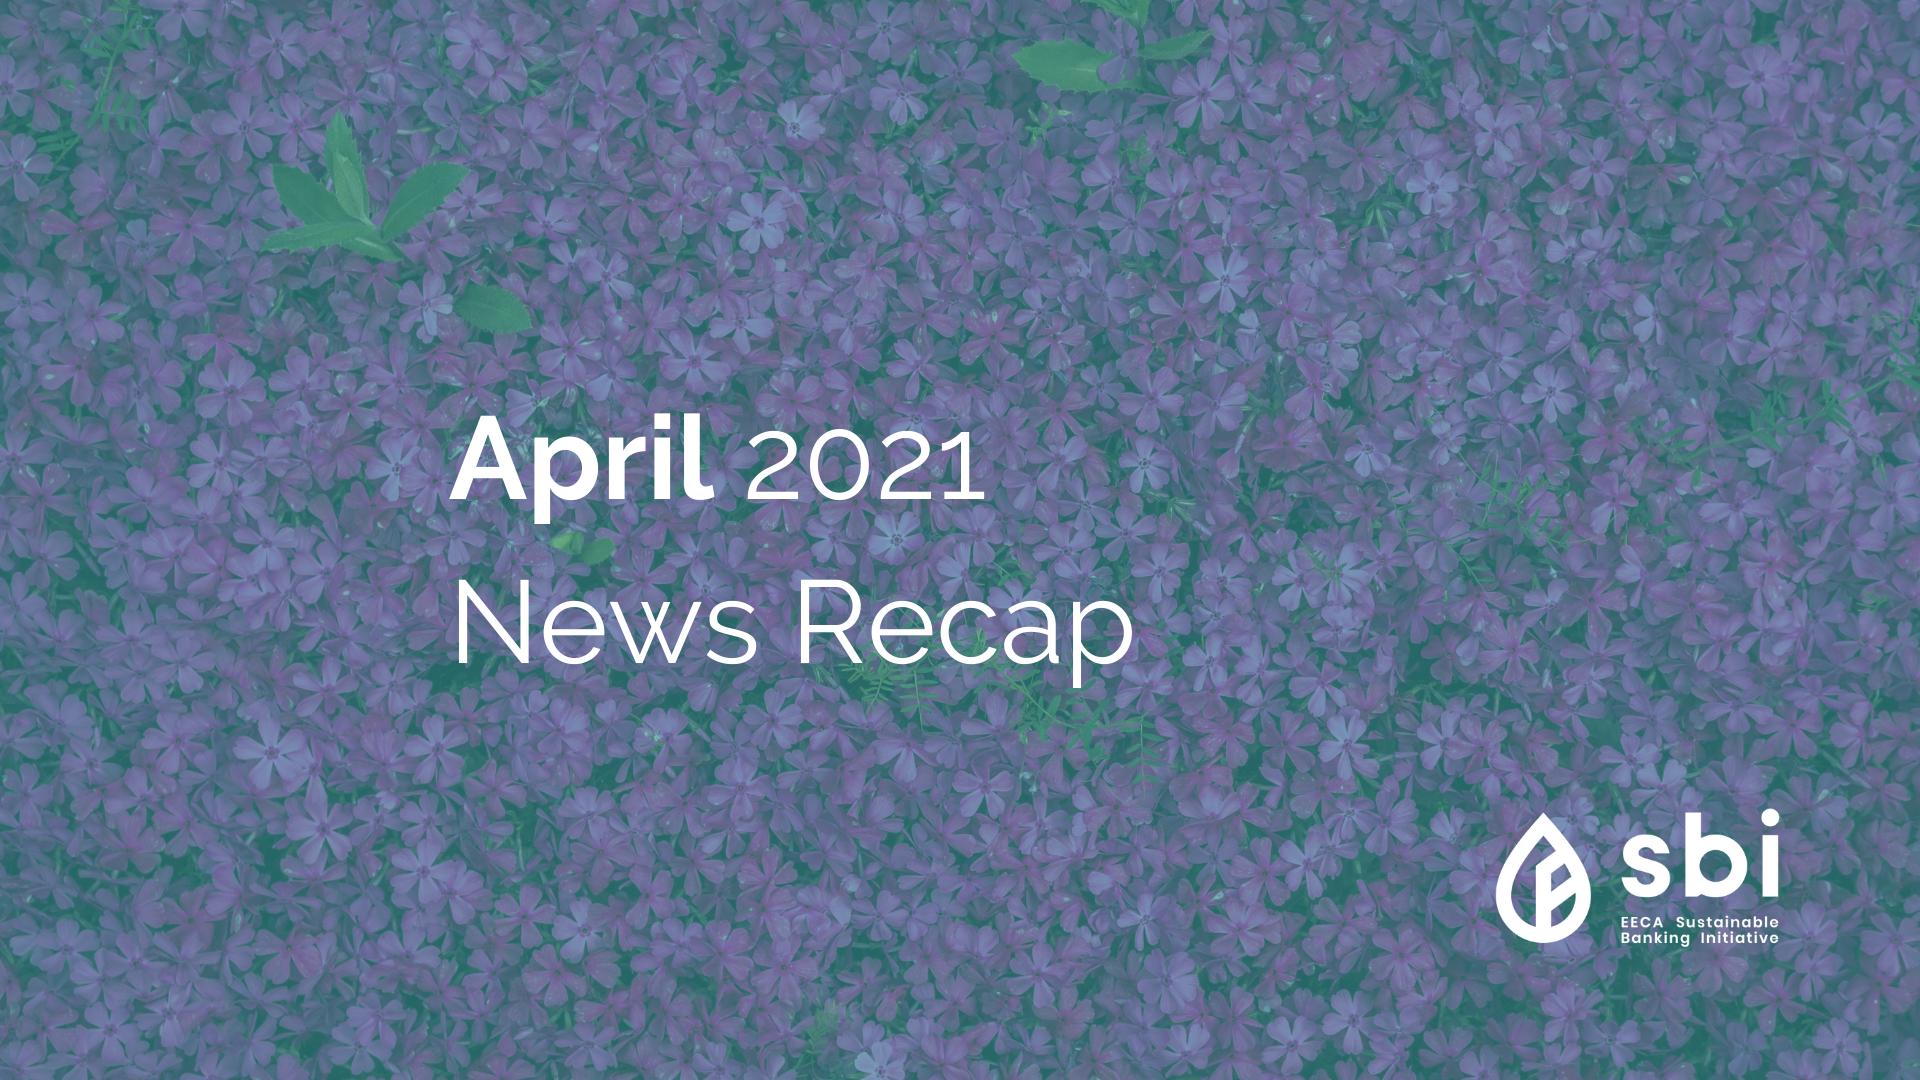 April 2021 News Recap